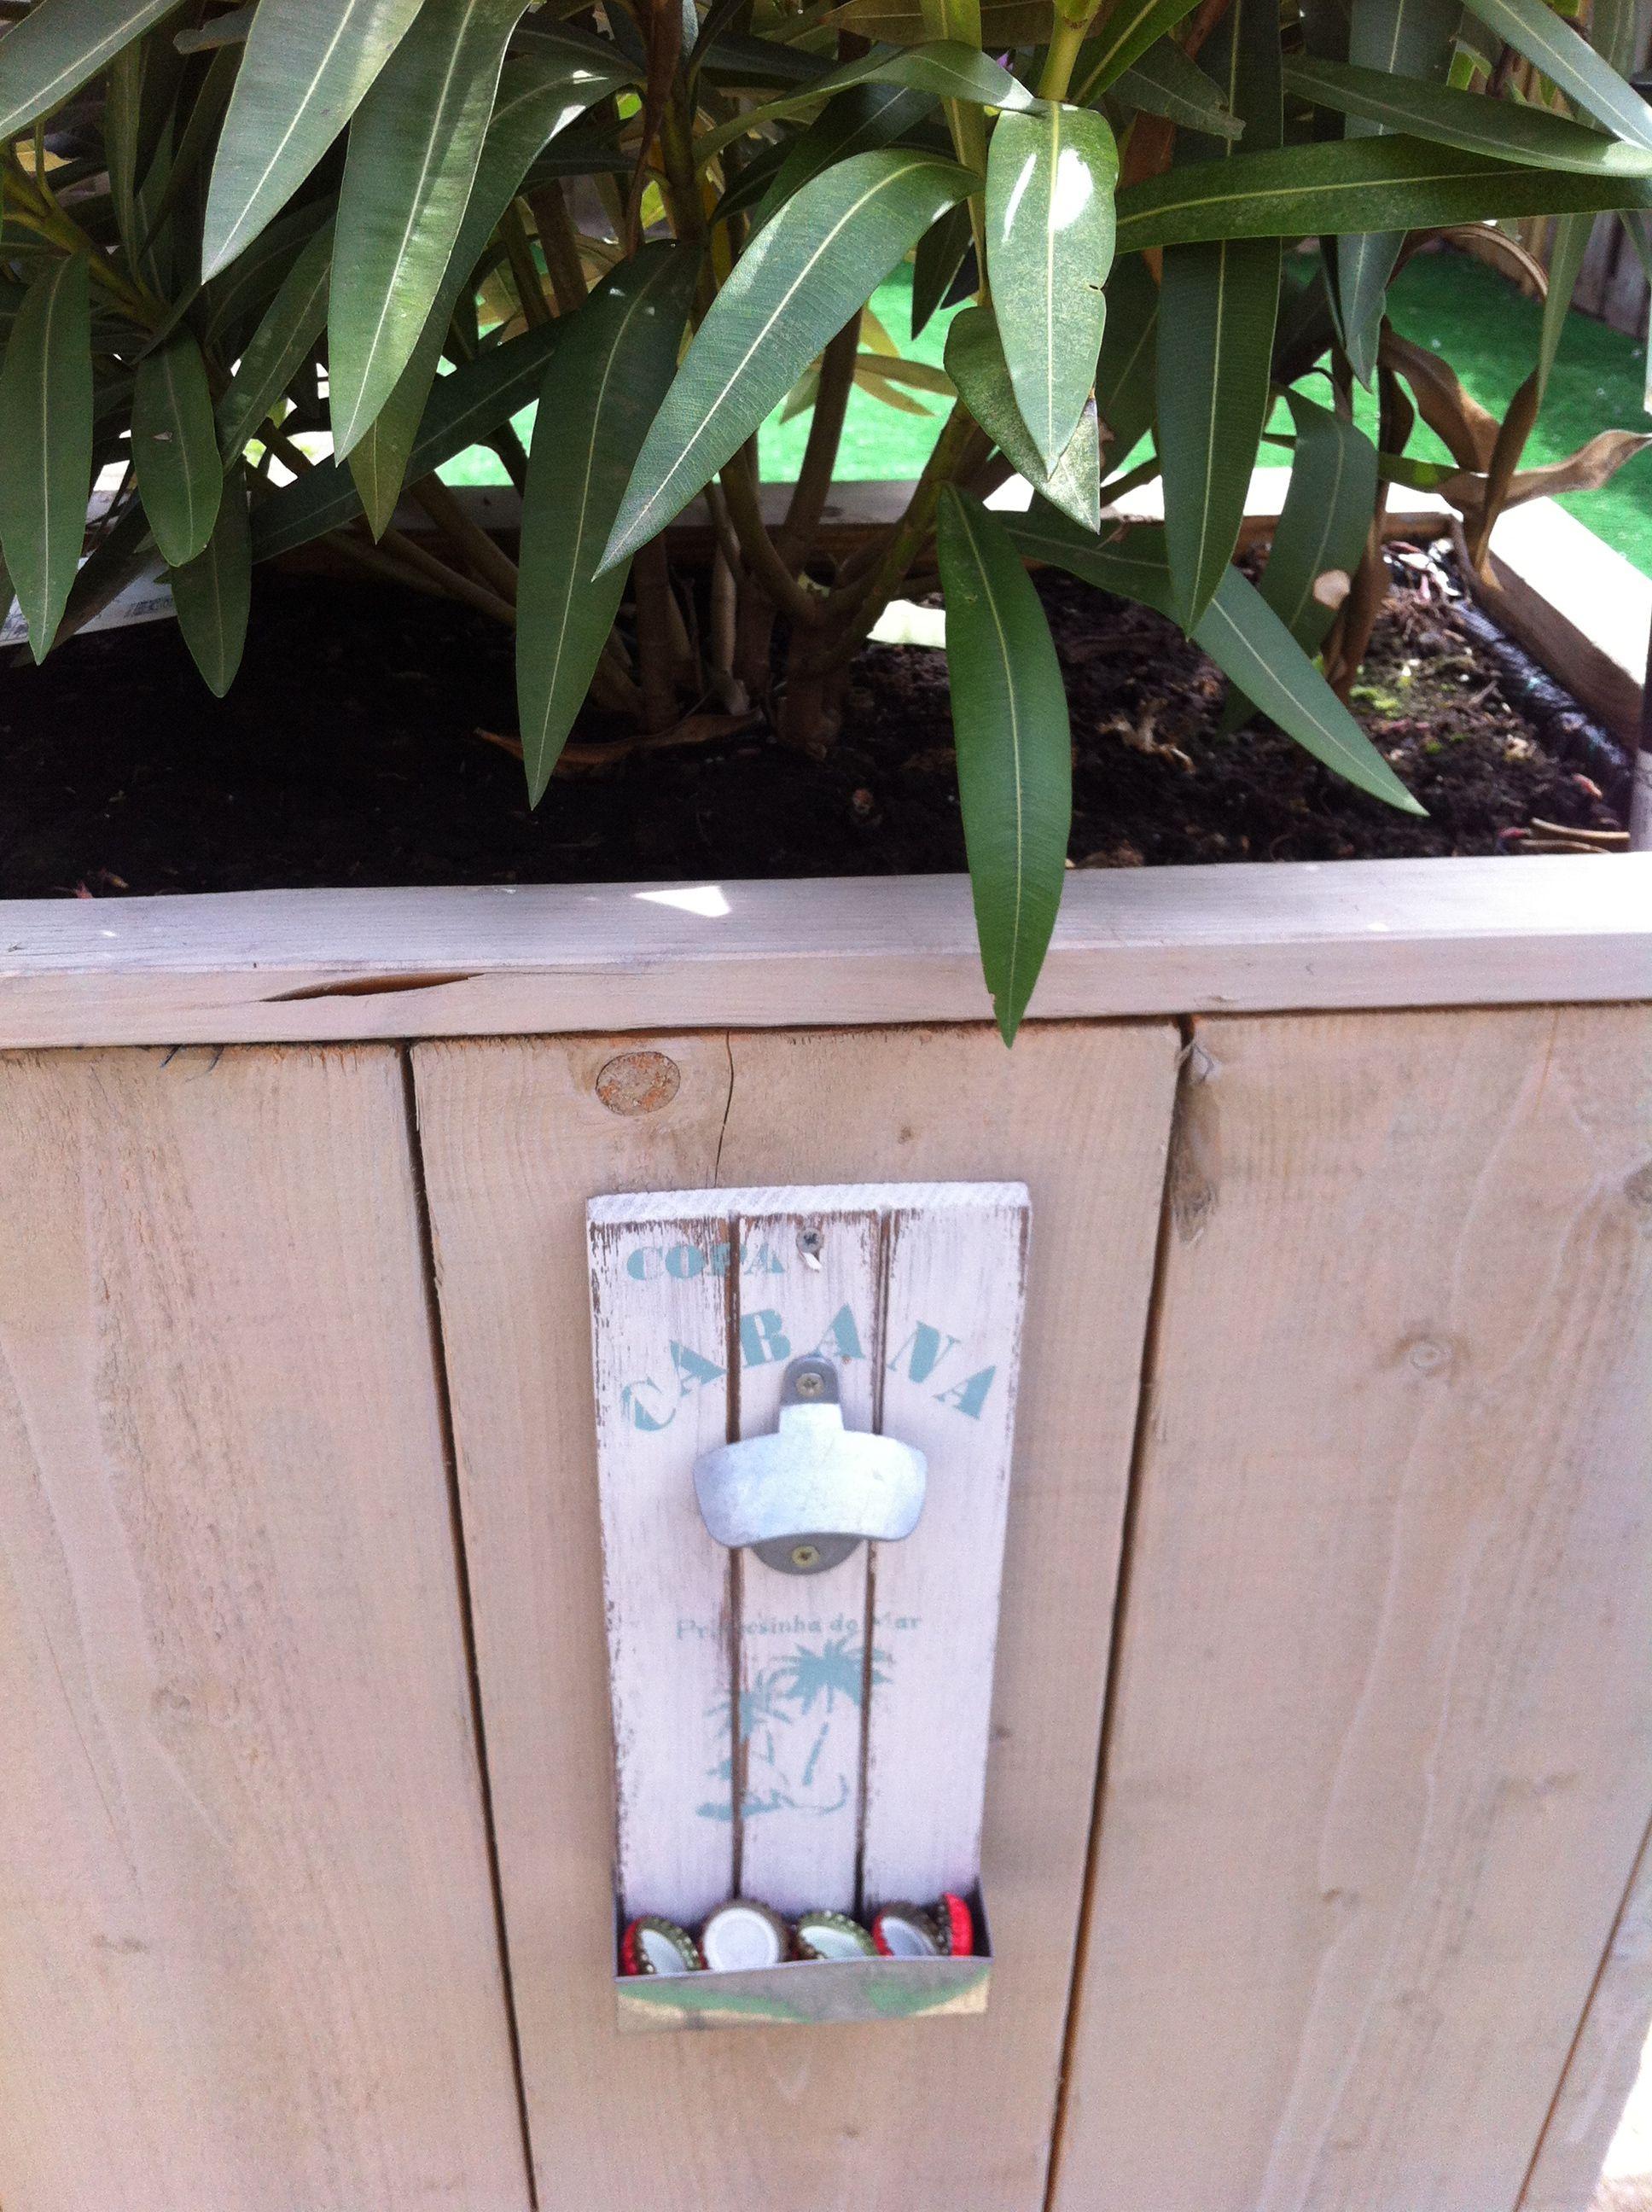 #bottle #opener #garden #outside #BBQ